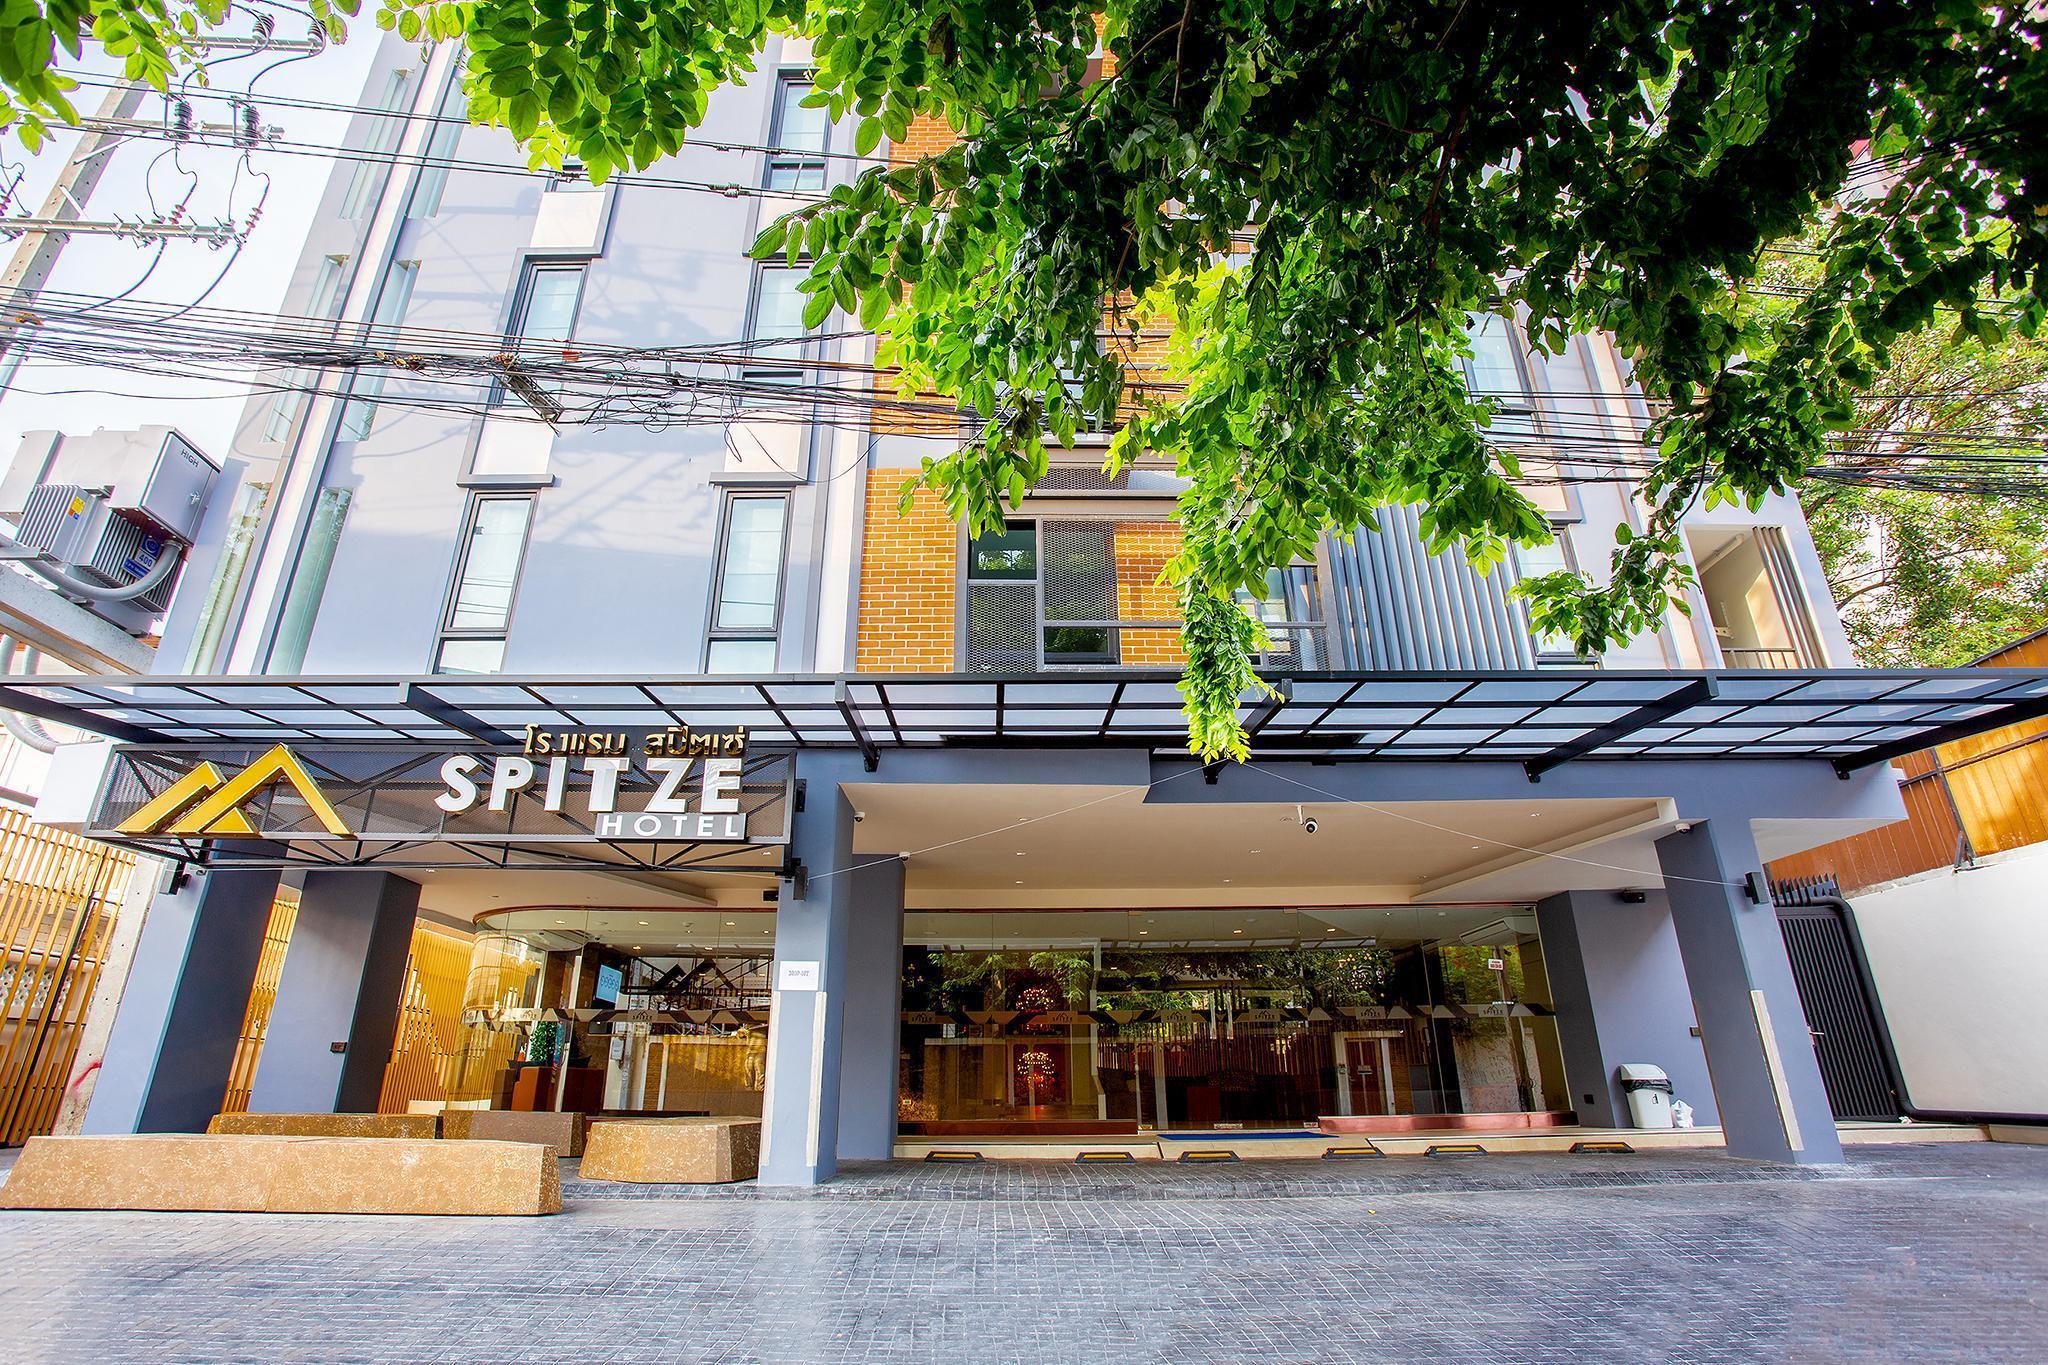 Spittze Hotel Pratunam โรงแรมสปิตเซ่ ประตูน้ำ